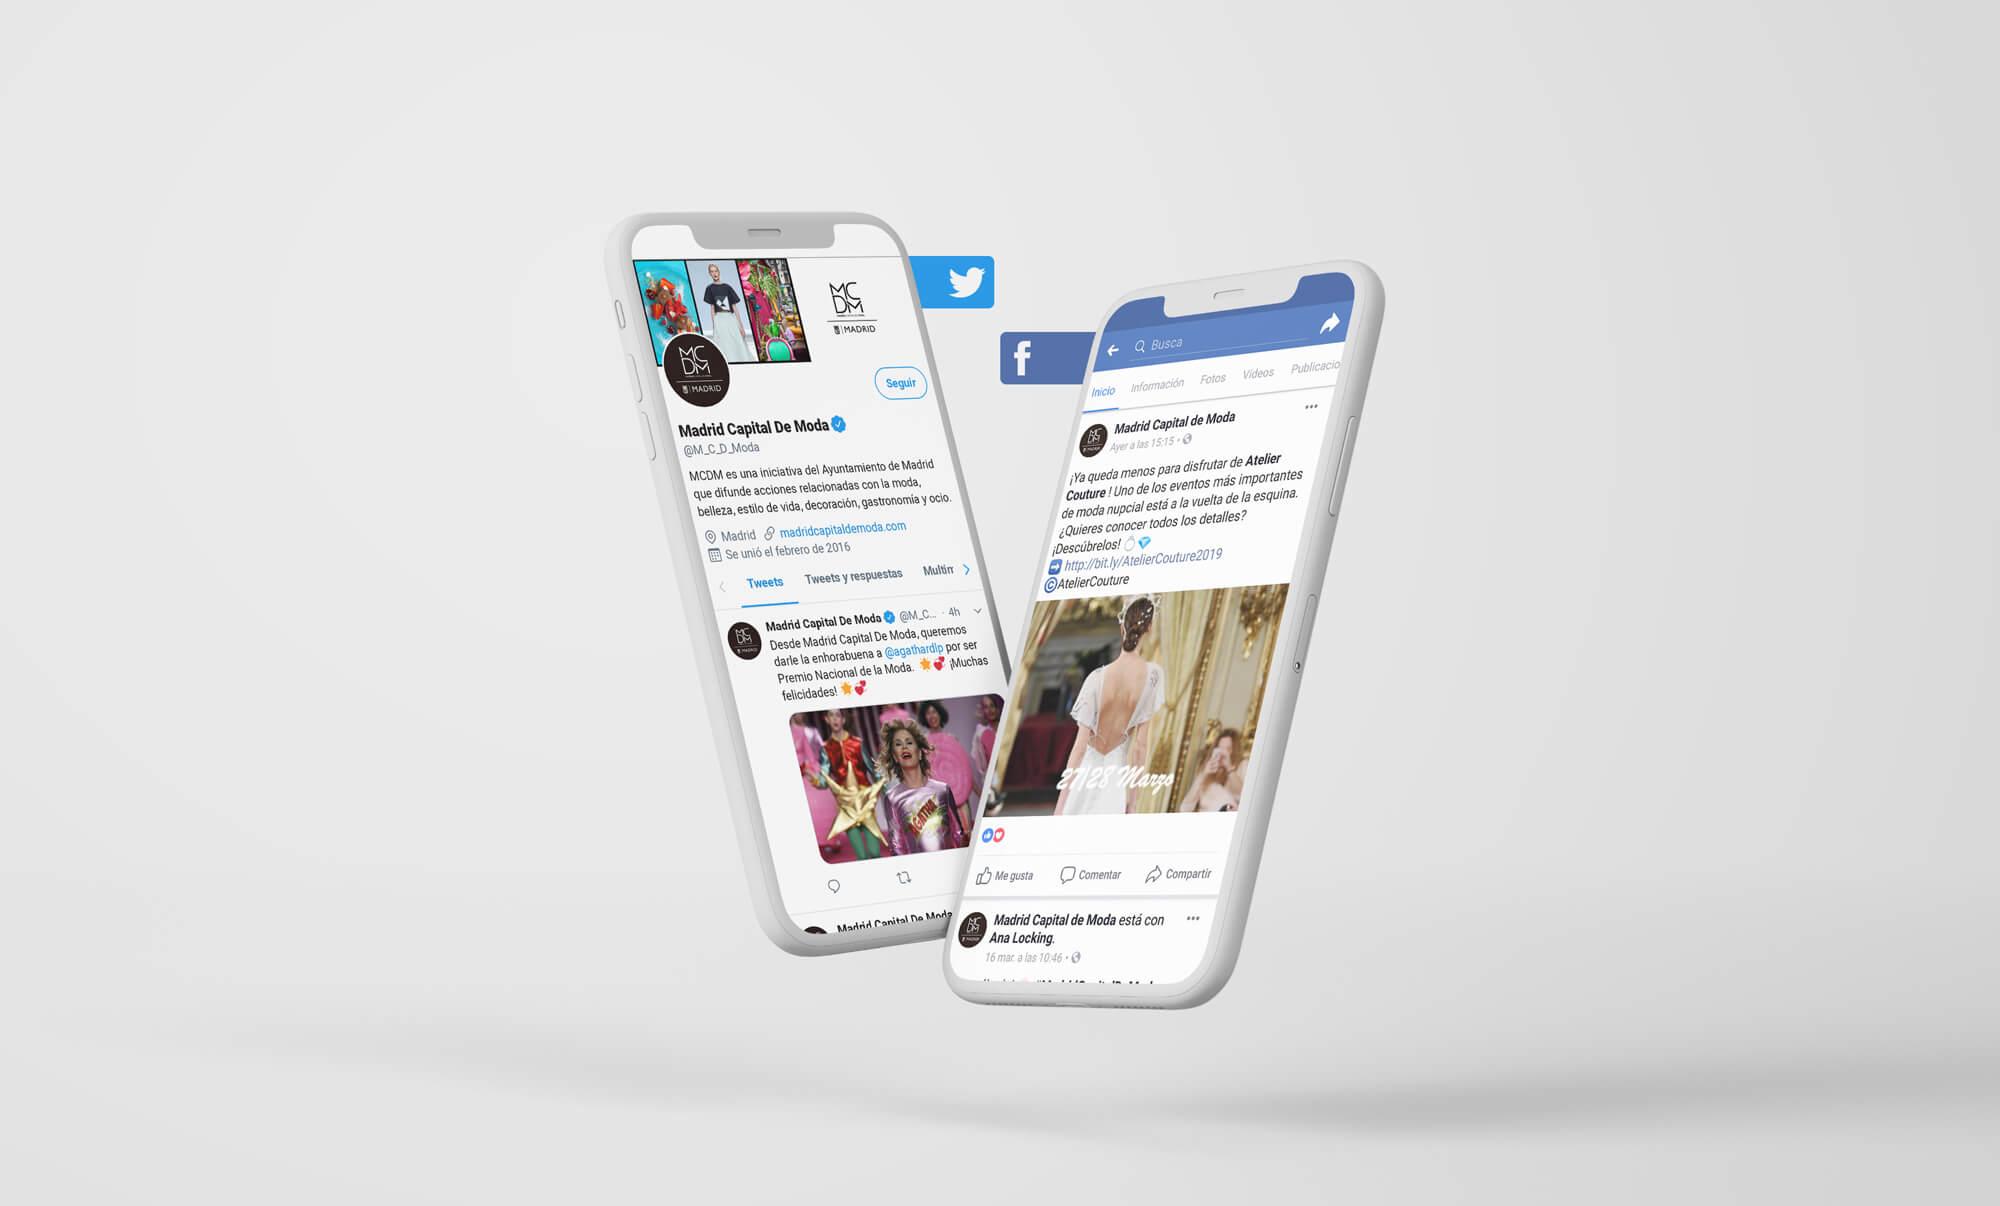 facebook y twitter de mcdm